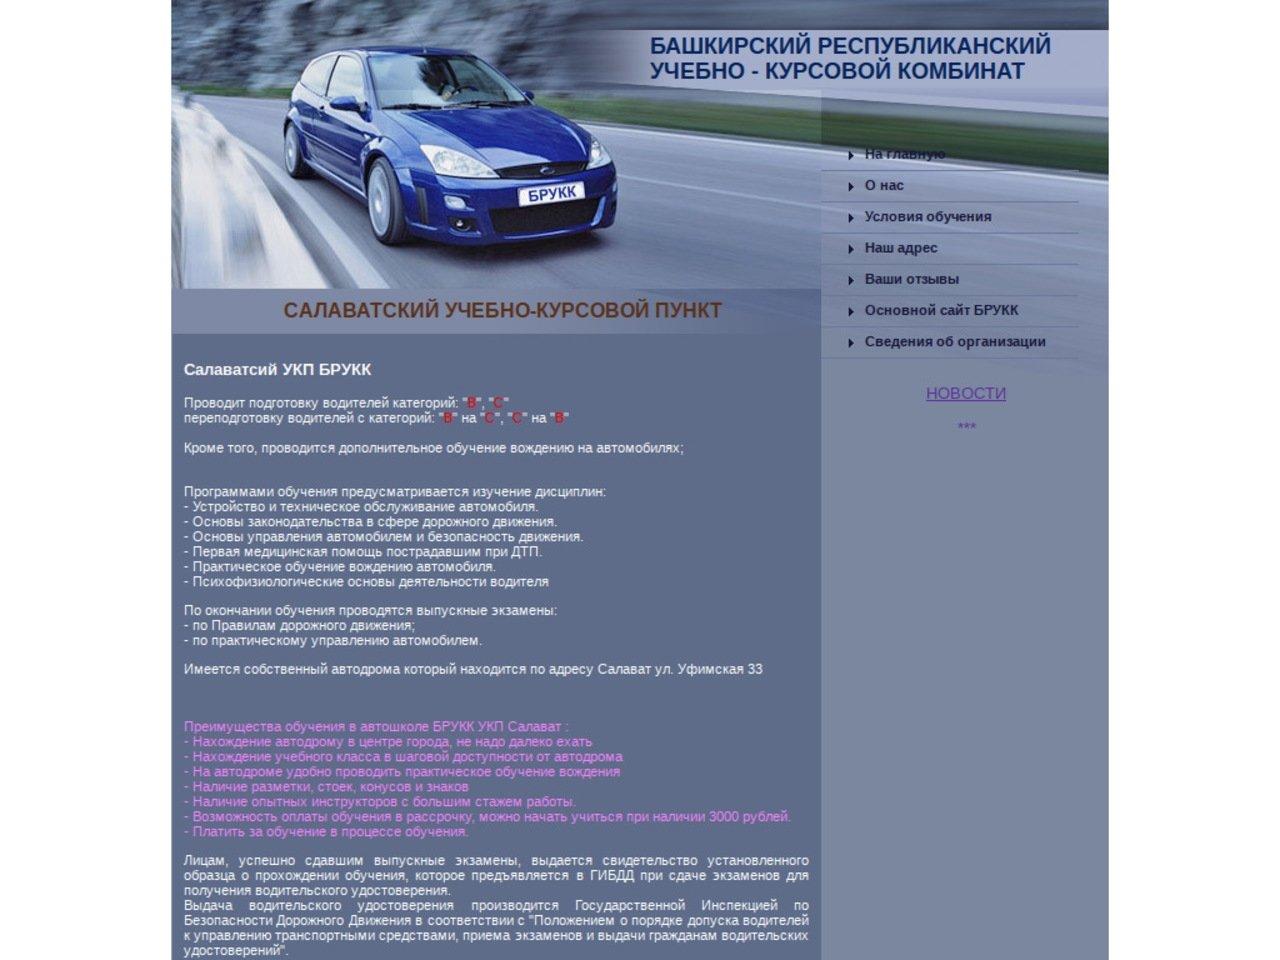 Реклама за деньги на авто салават автоломбарды кемерово